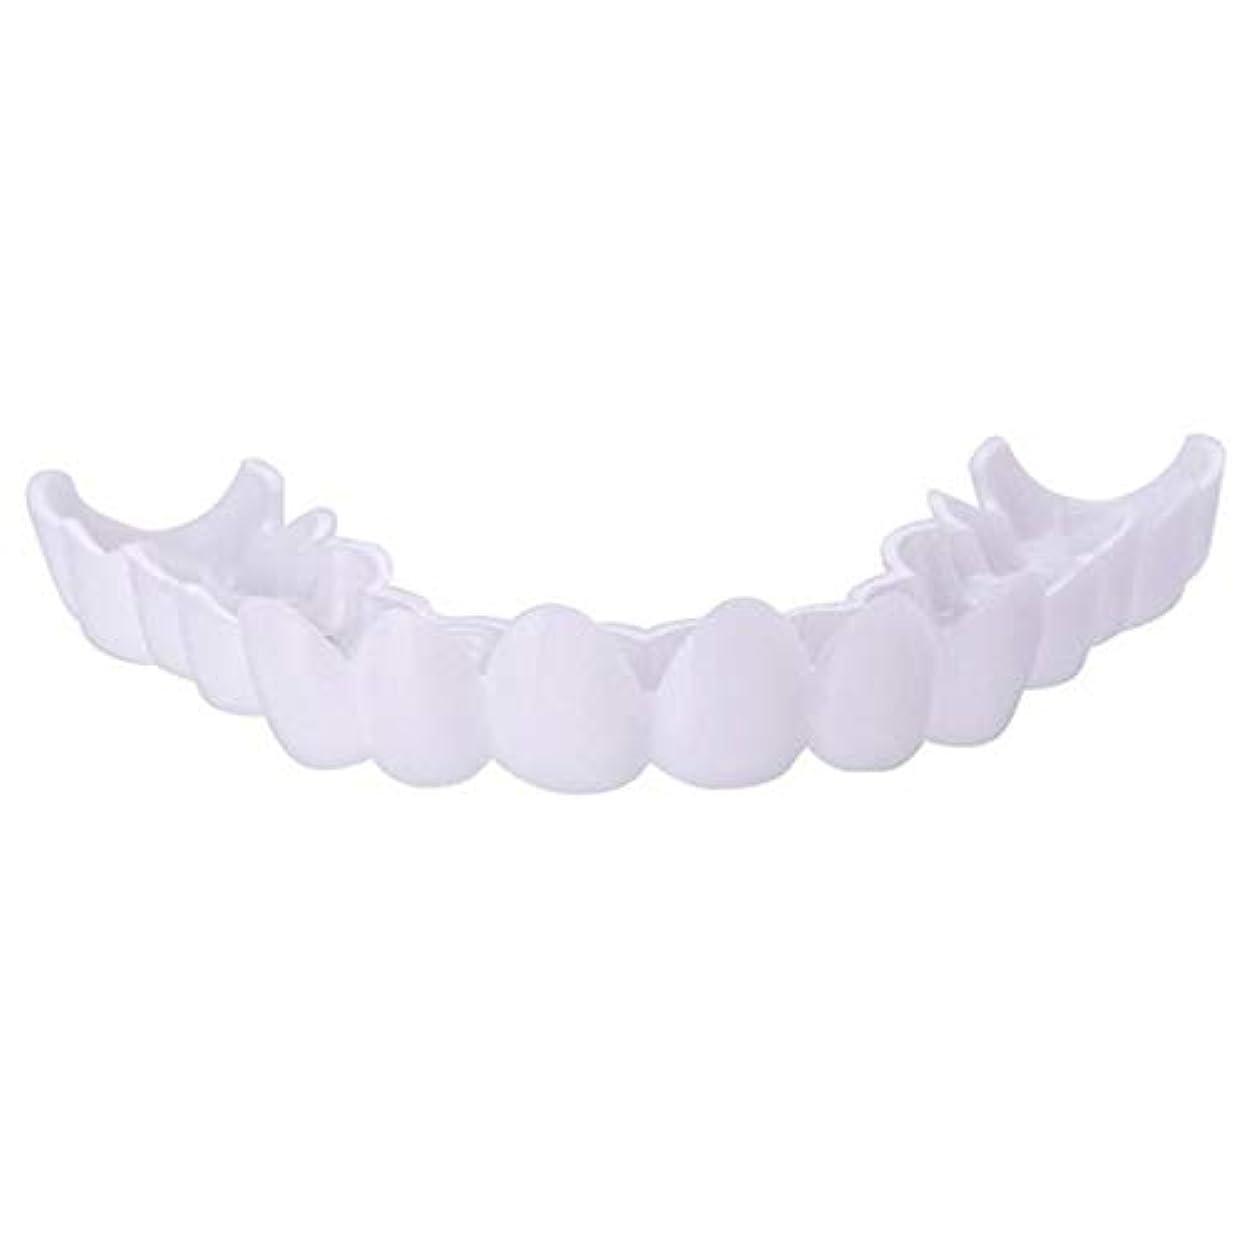 捨てるヘア臨検シリコーンシミュレーション歯科用義歯スリーブ、上歯のホワイトニング,A